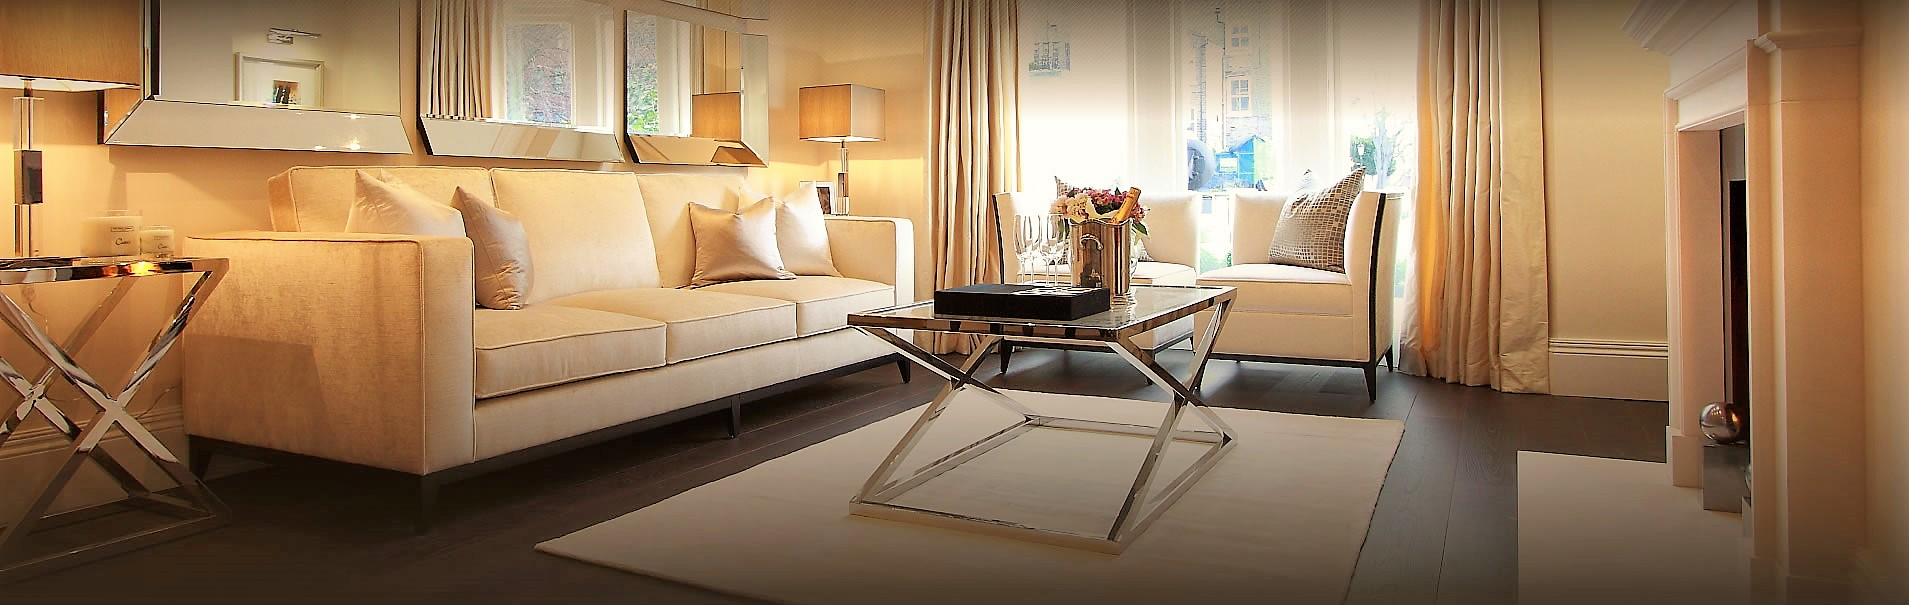 residential interior design furniture